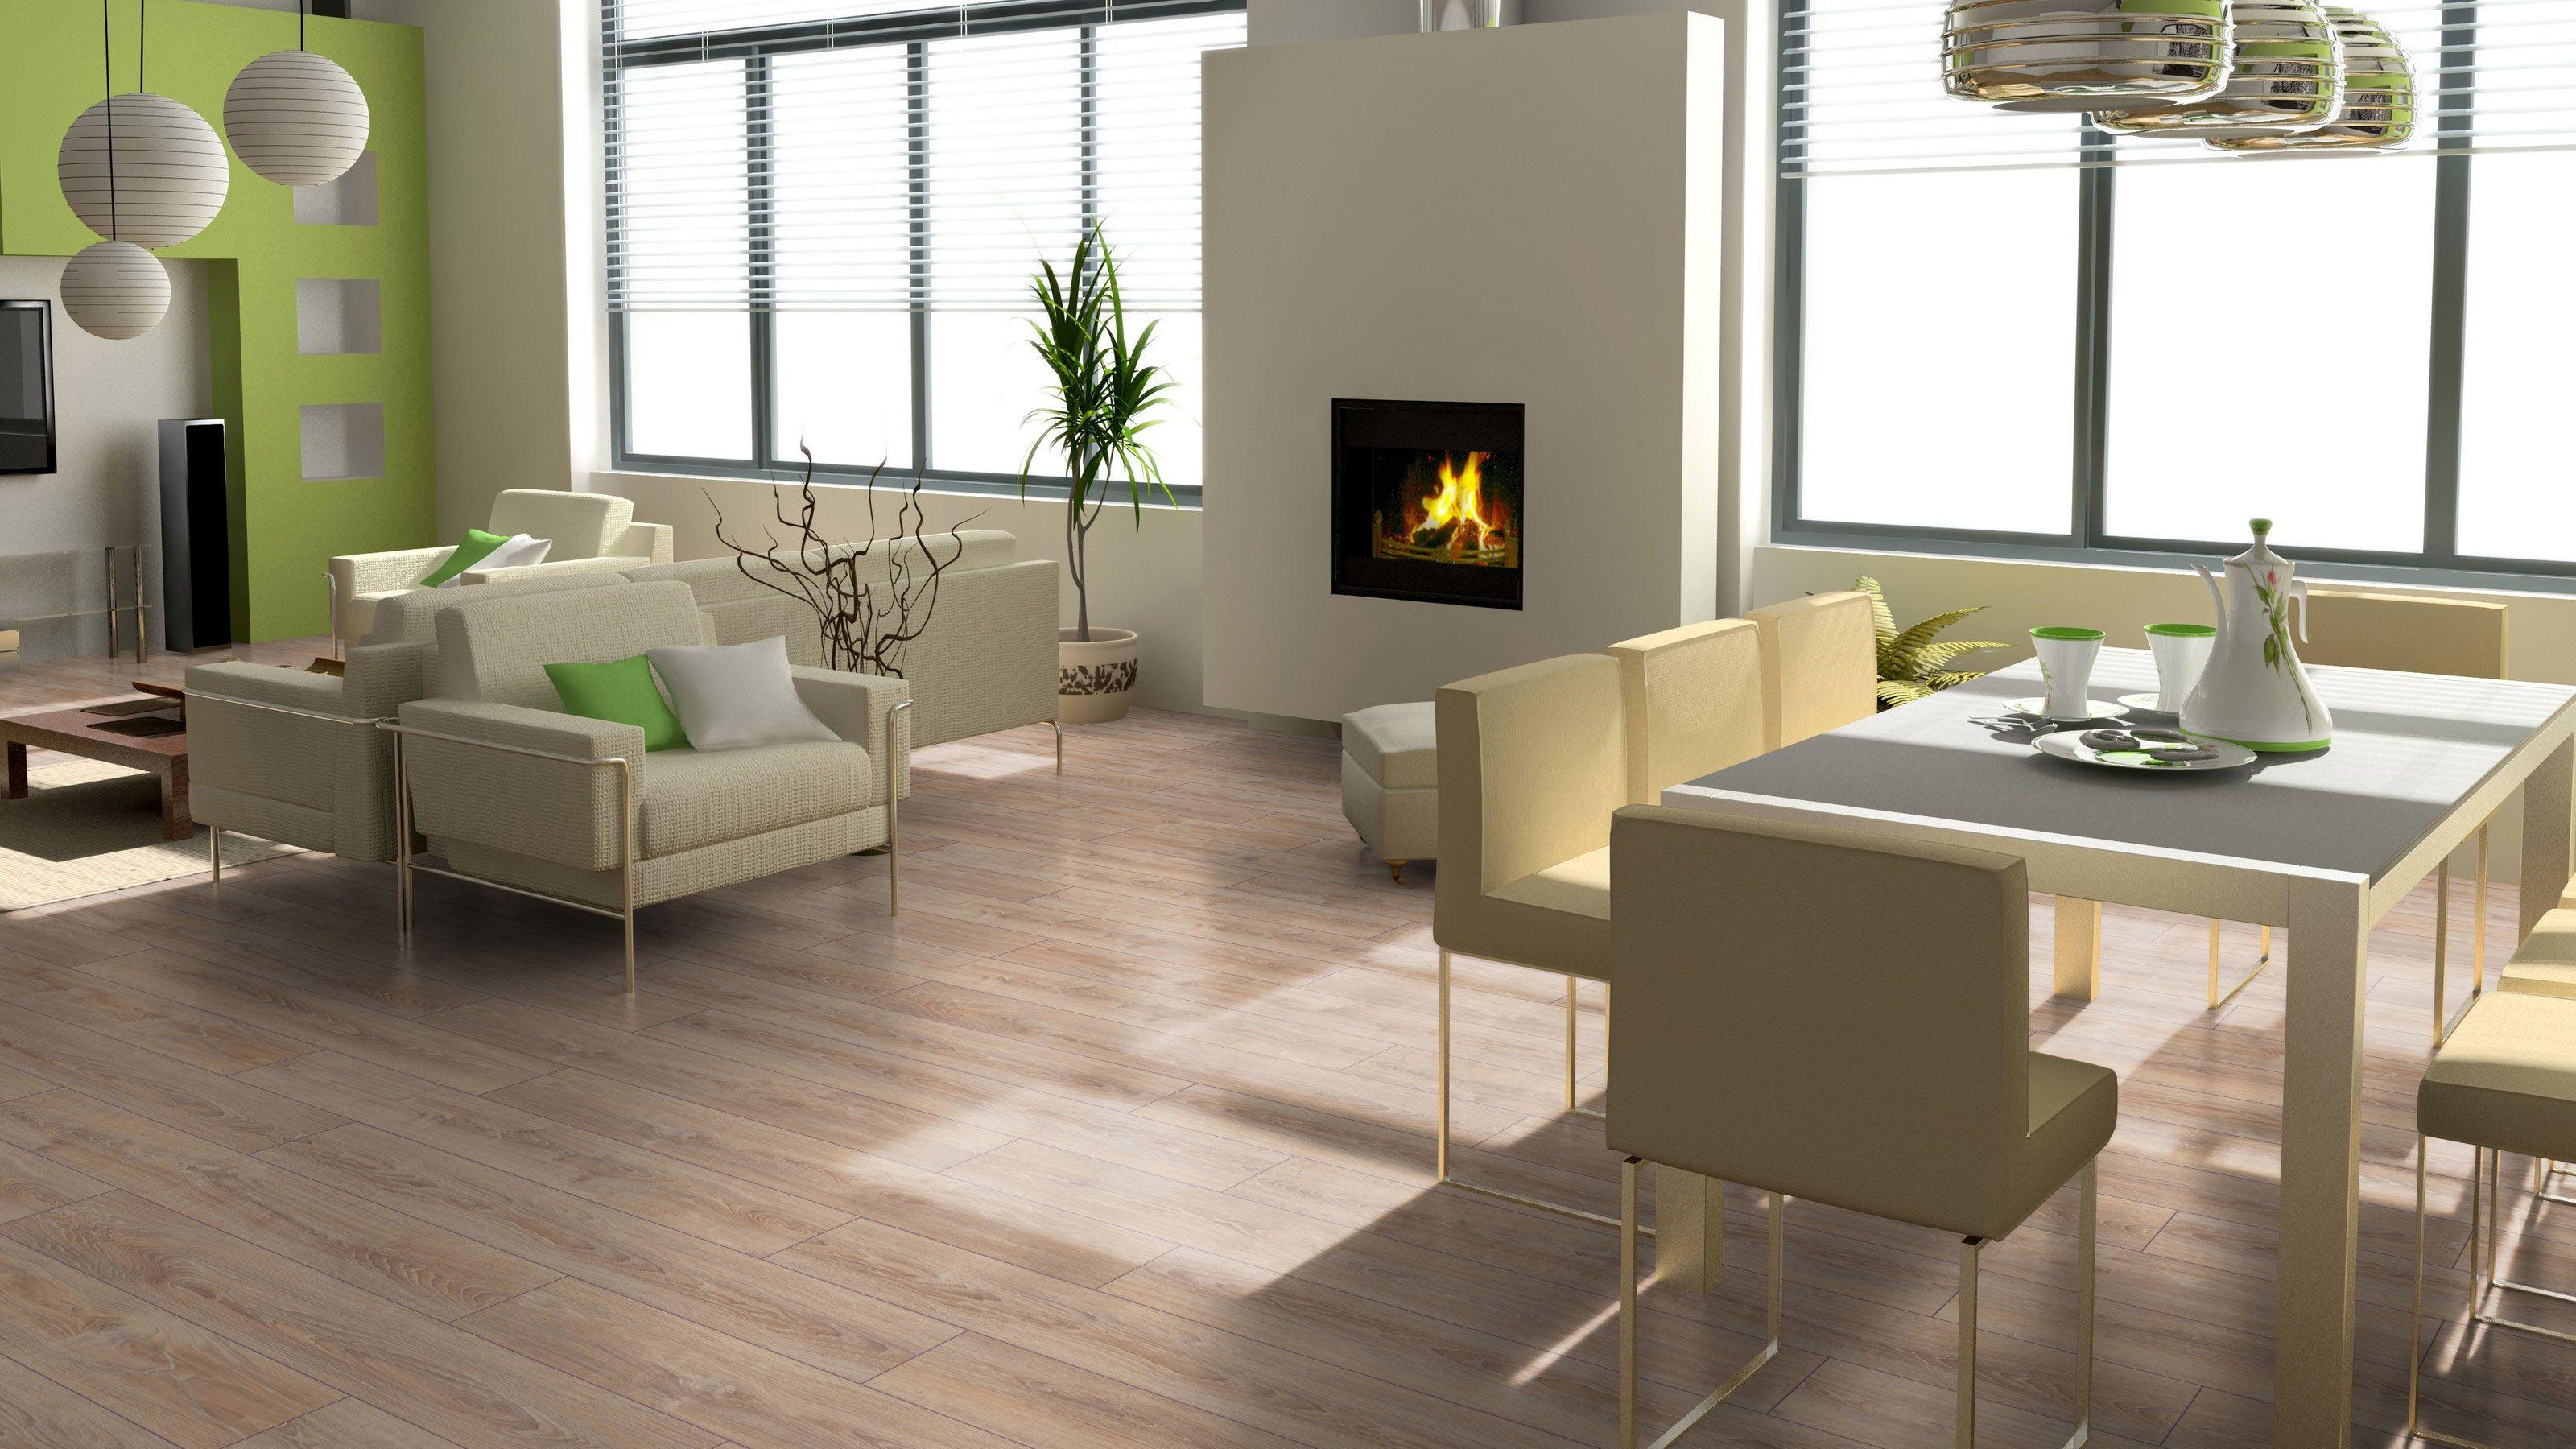 indirekte beleuchtung led beleuchtung offener wohnplan frische, Wohnzimmer dekoo